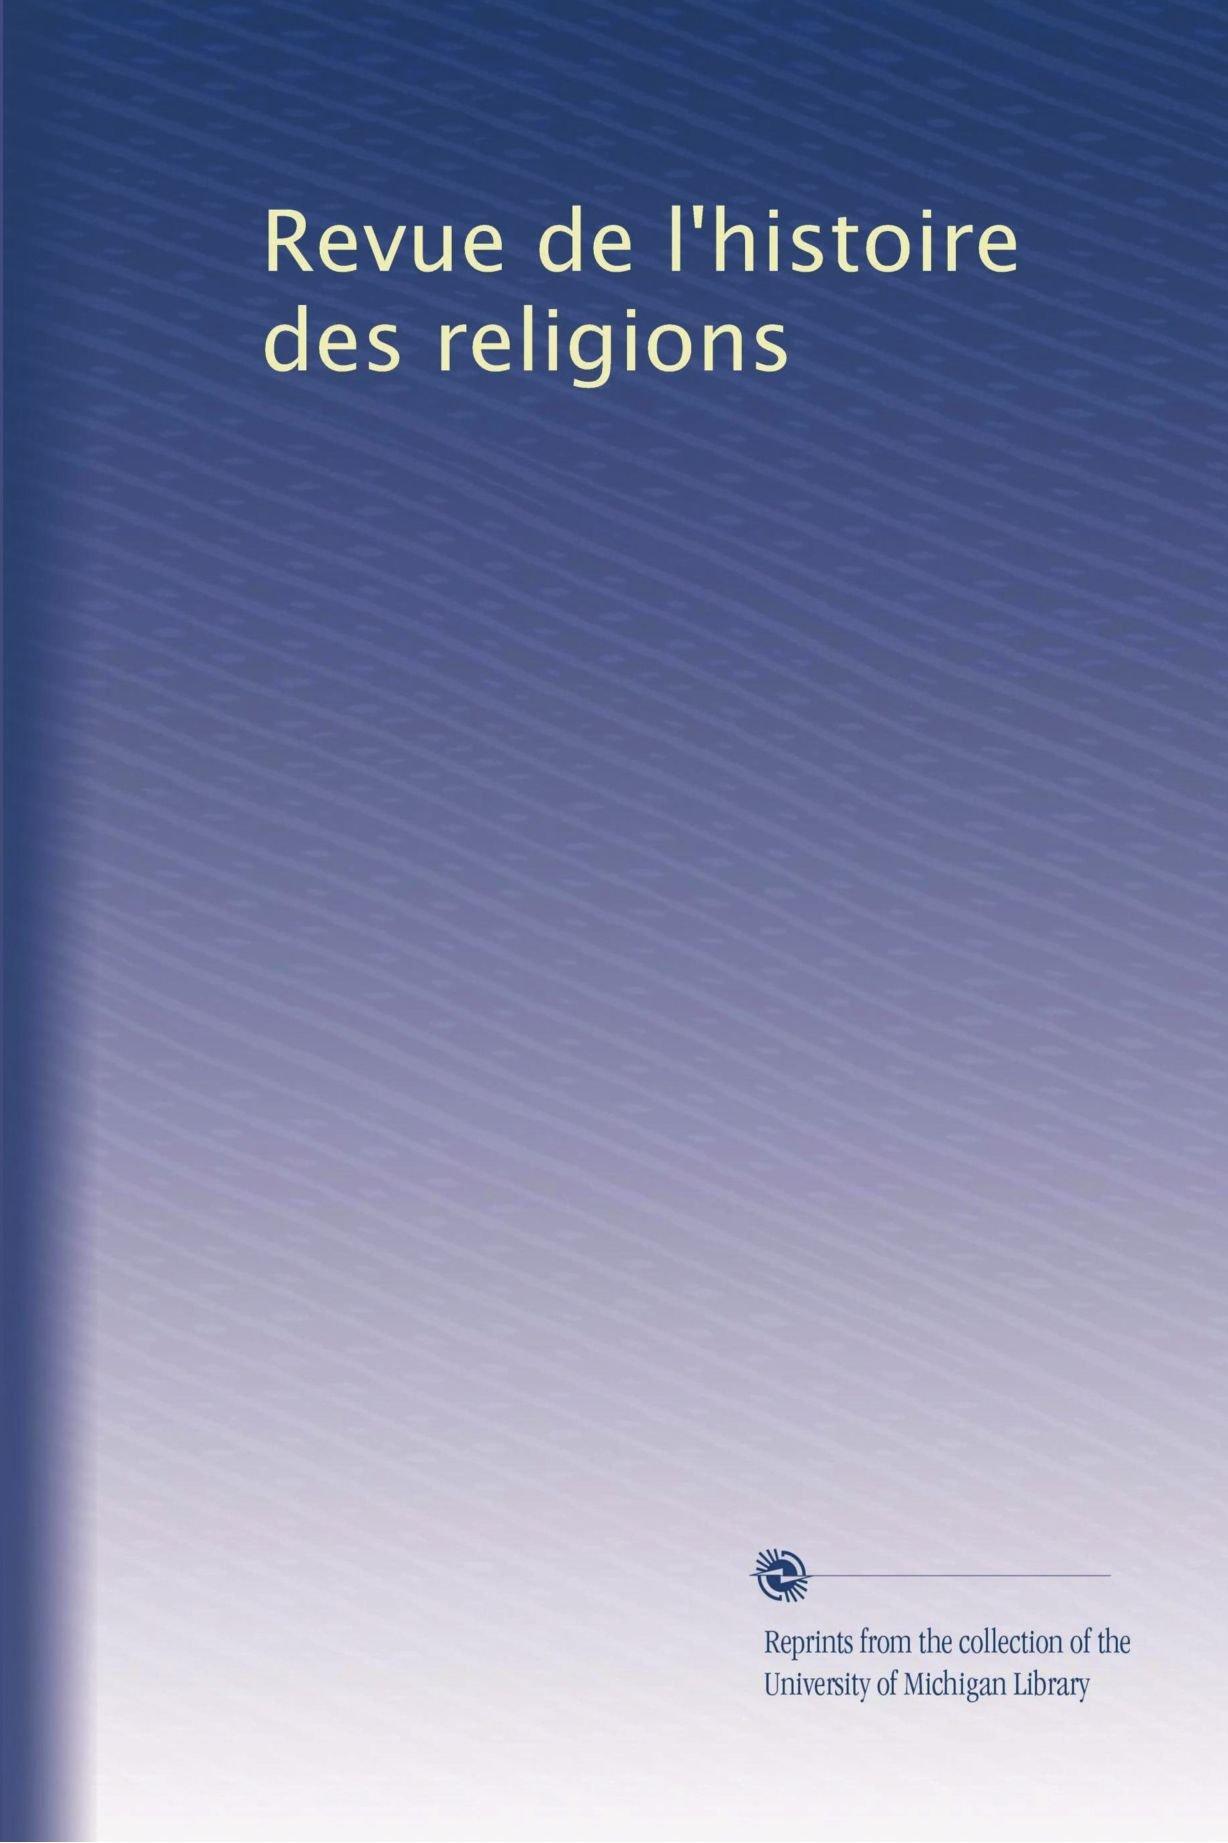 Revue de l'histoire des religions (Volume 47) (French Edition) pdf epub